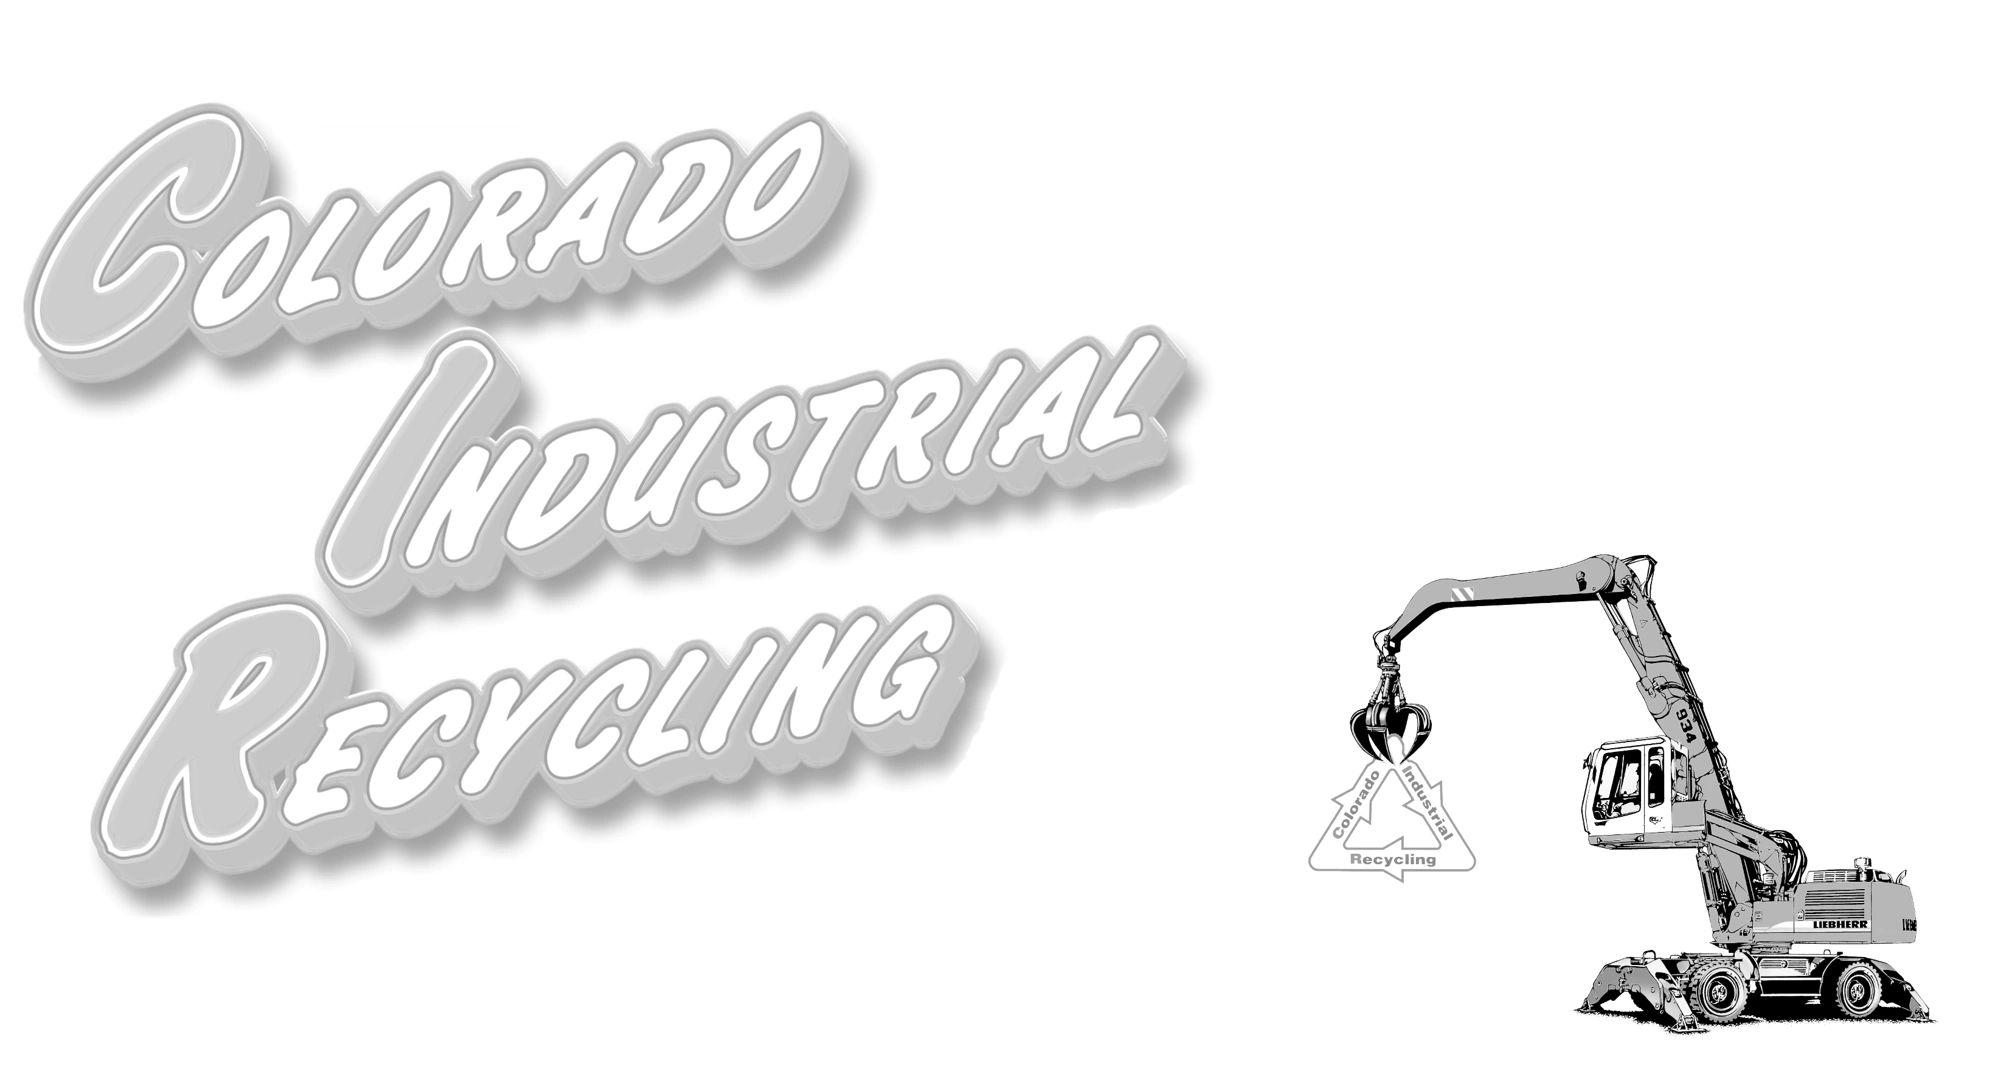 Colorado Industrial Recycling Inc